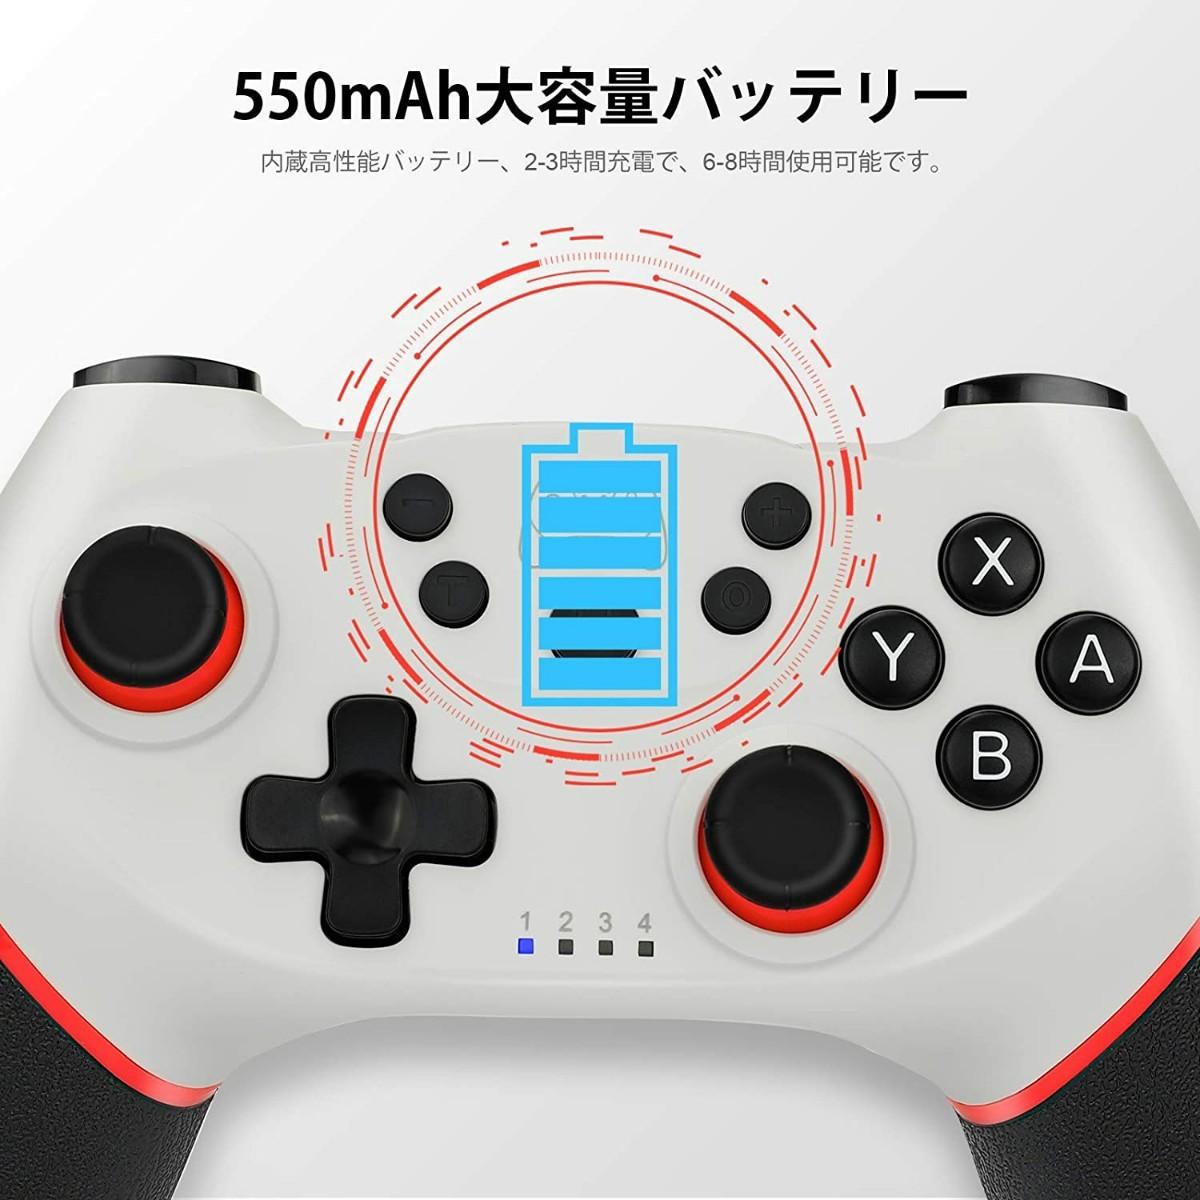 Switch コントローラー 無線 HD振動 小型6軸 ジャイロセンサー搭載 長時間使用 スイッチ ワイヤレス 疲れにくい